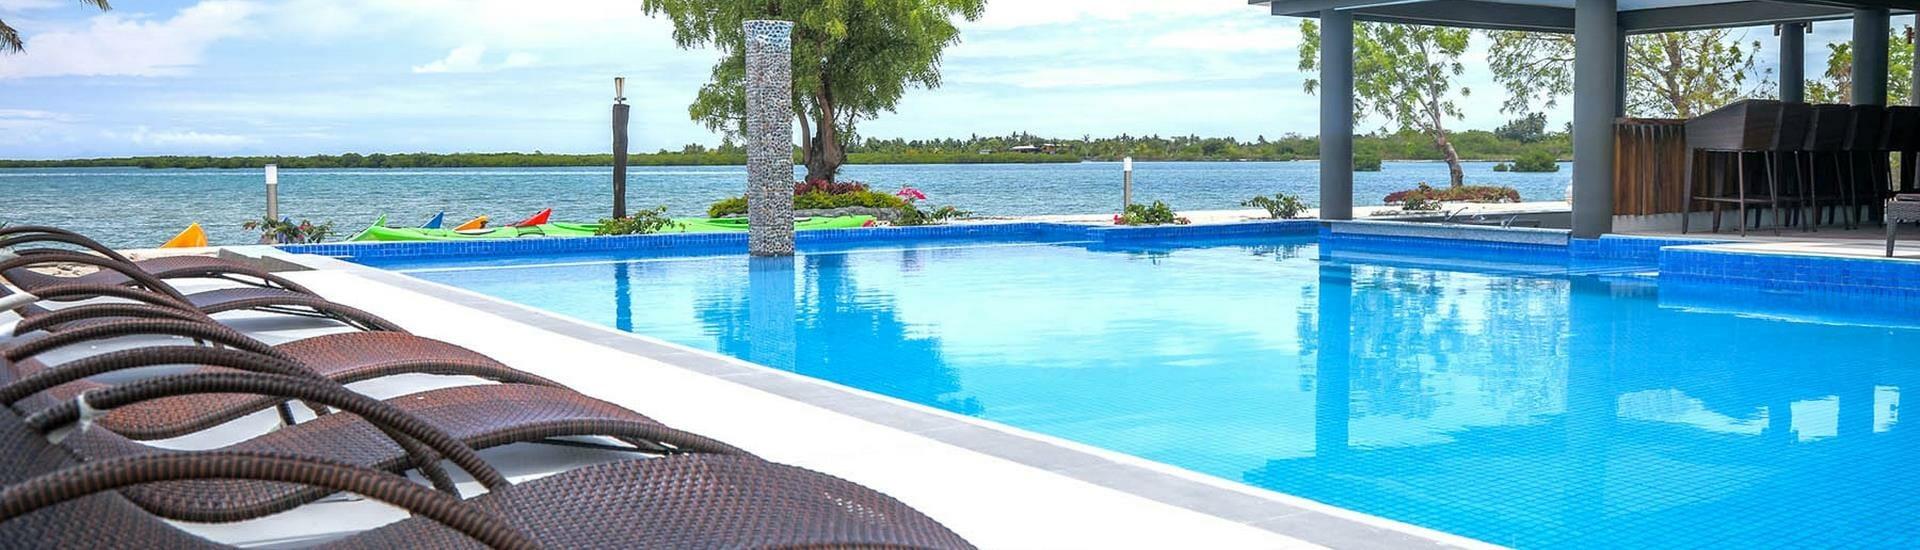 Fiji Hideaway Resort & Spa Vuda Hero Image of Swimming Pool